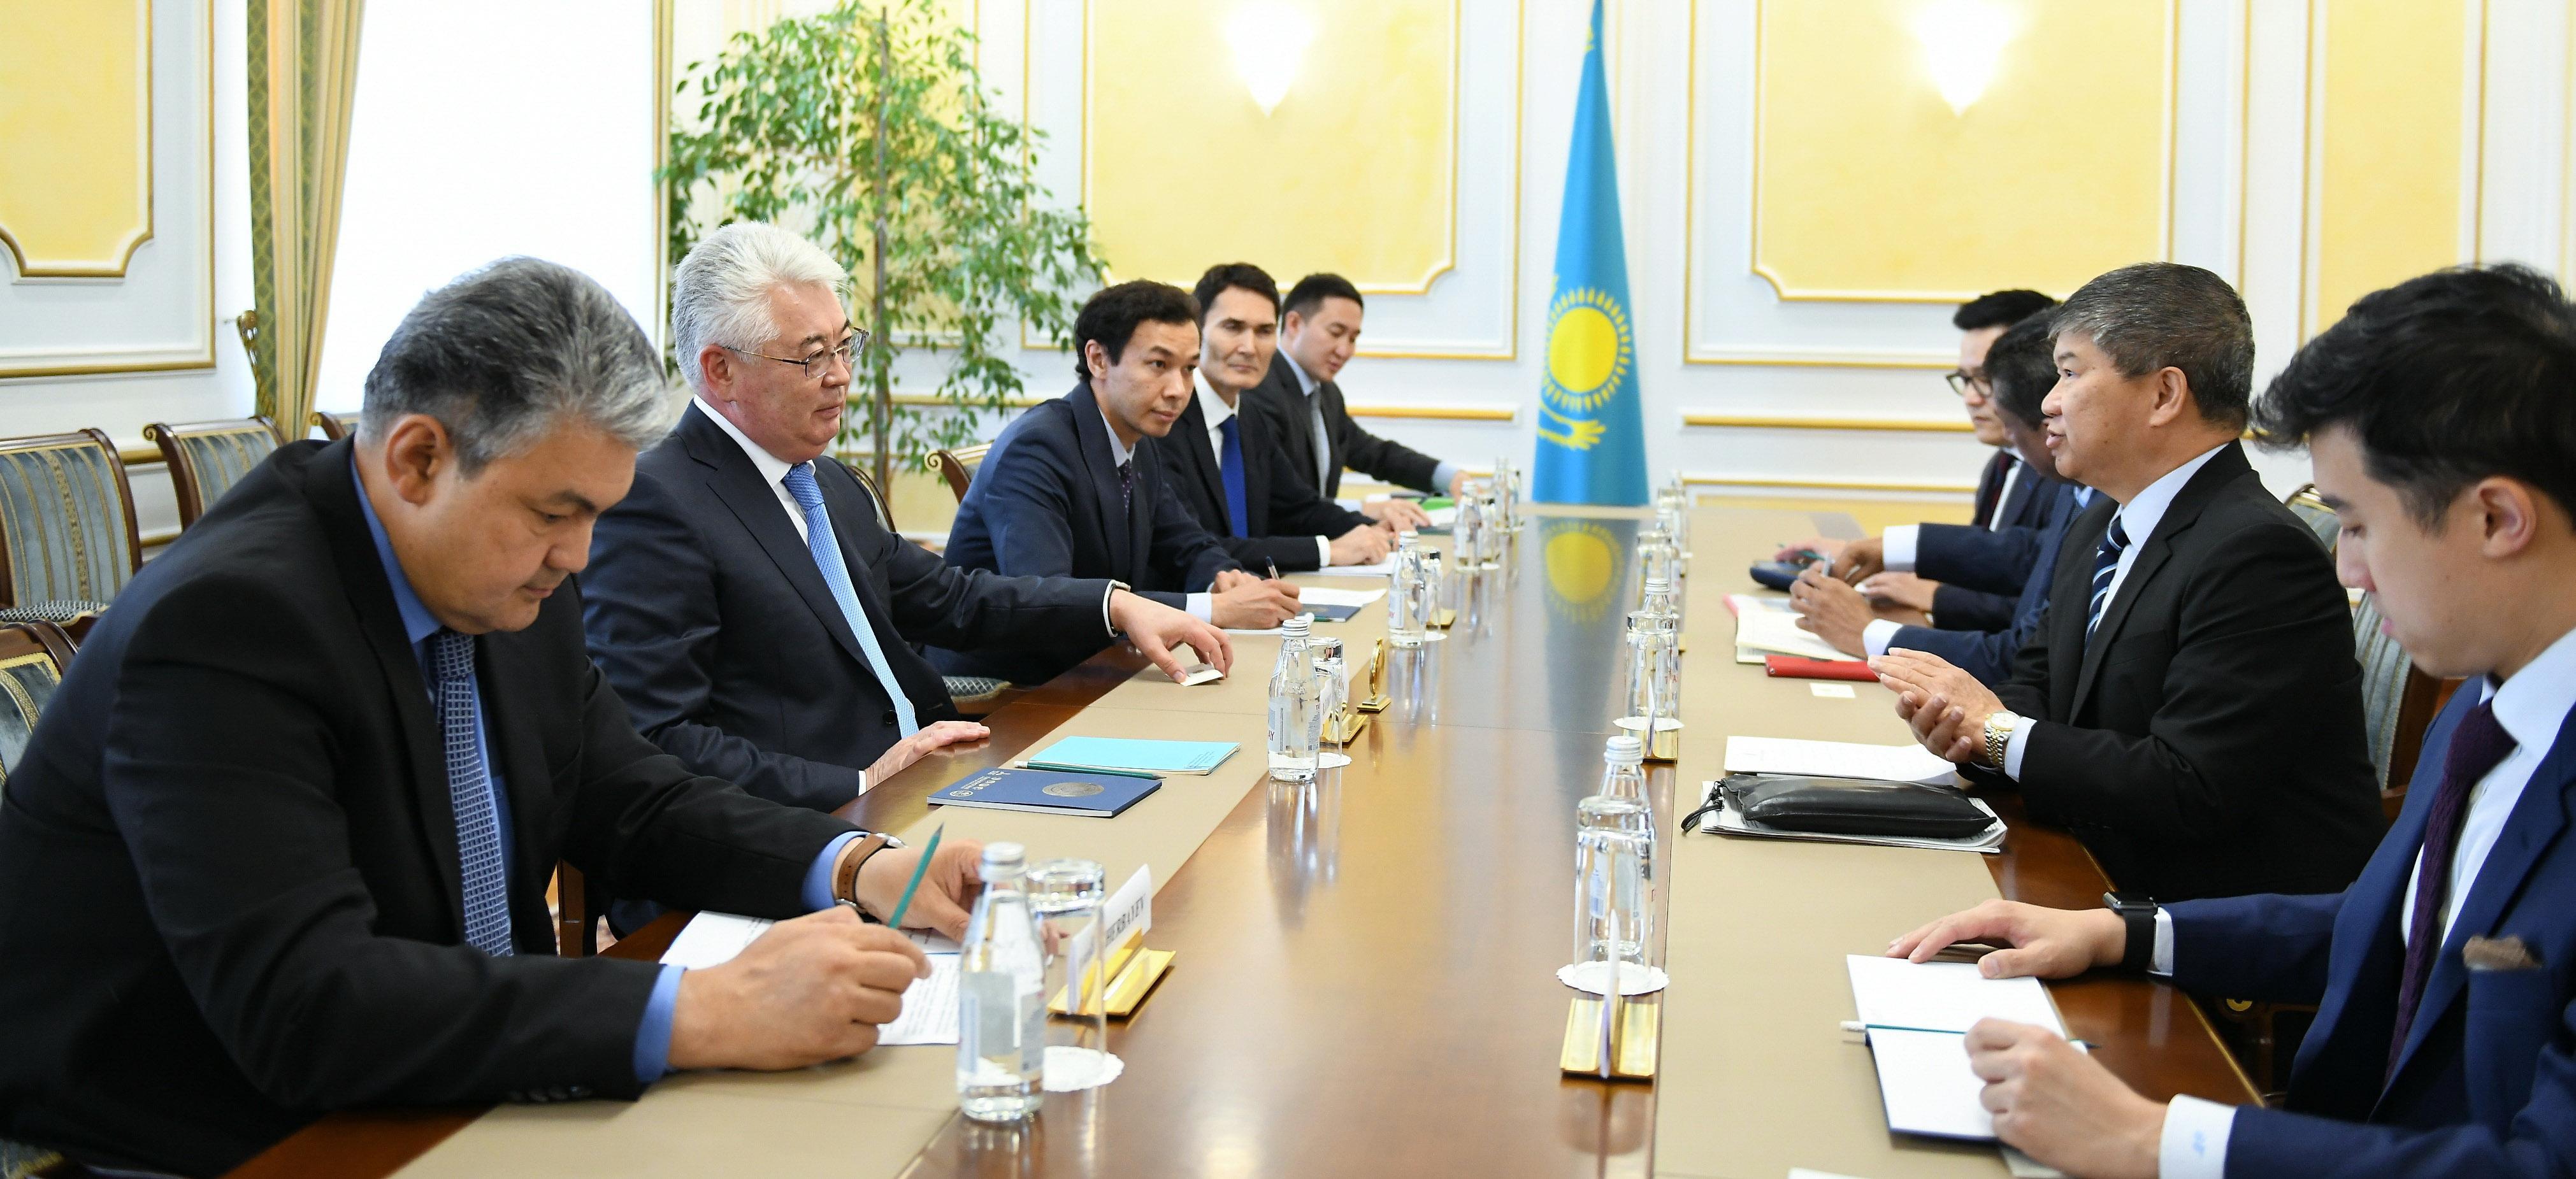 Сингапурская компания планирует построить в Казахстане образовательные учреждения